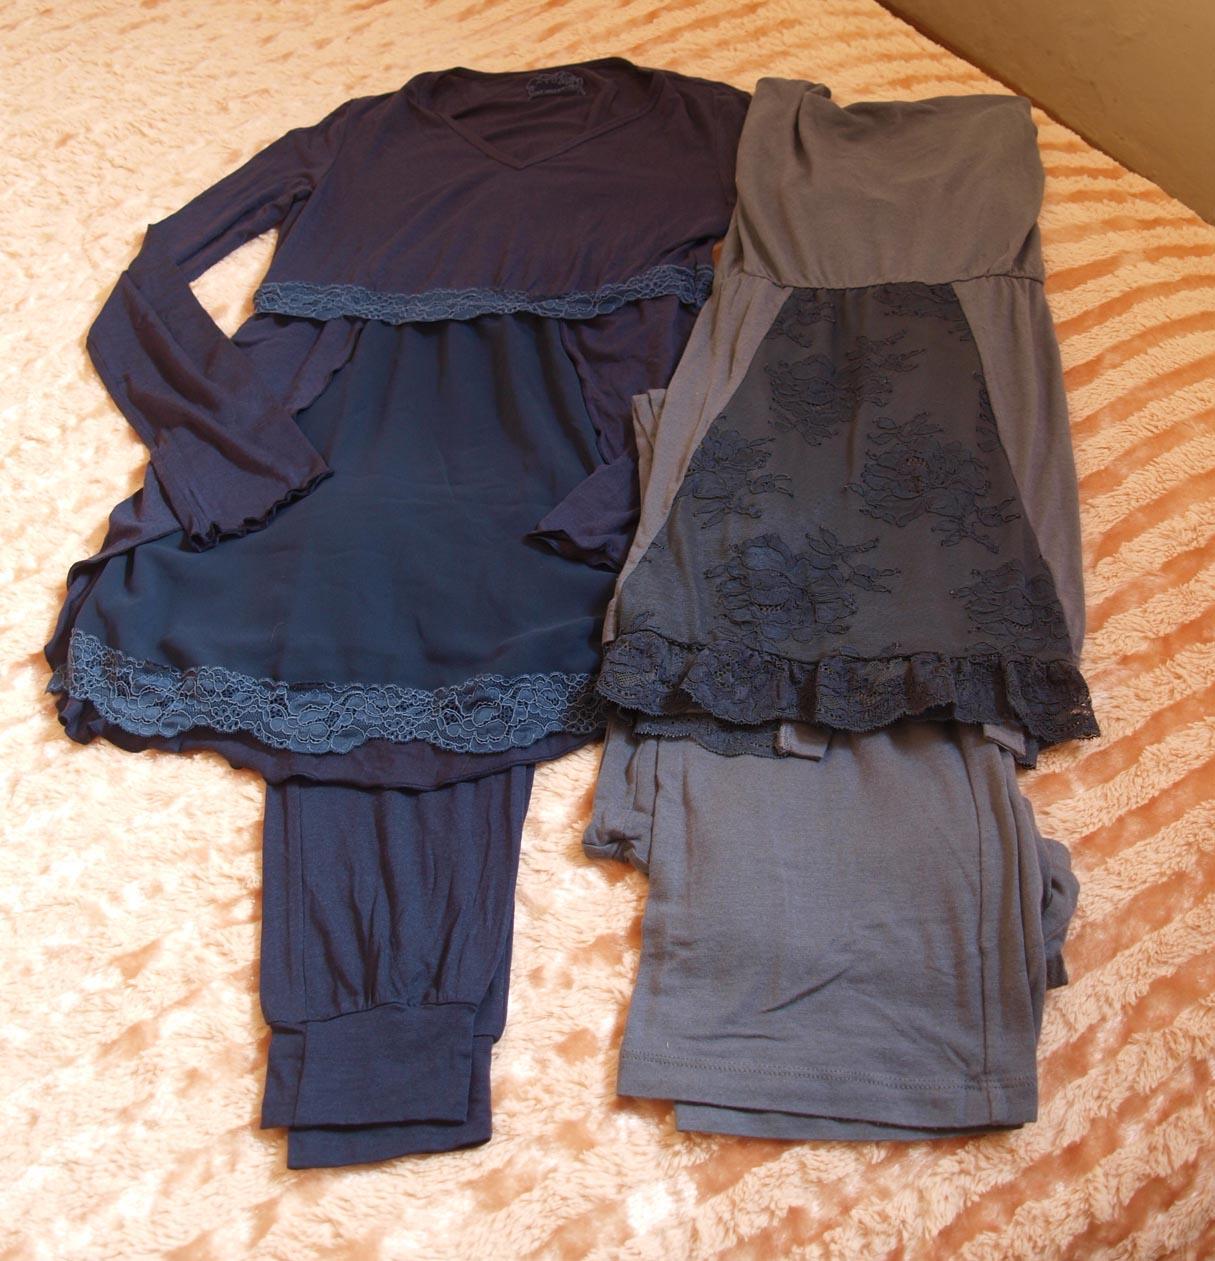 私の密かな贅沢はここのパジャマでベットに入る事_c0179785_55248.jpg